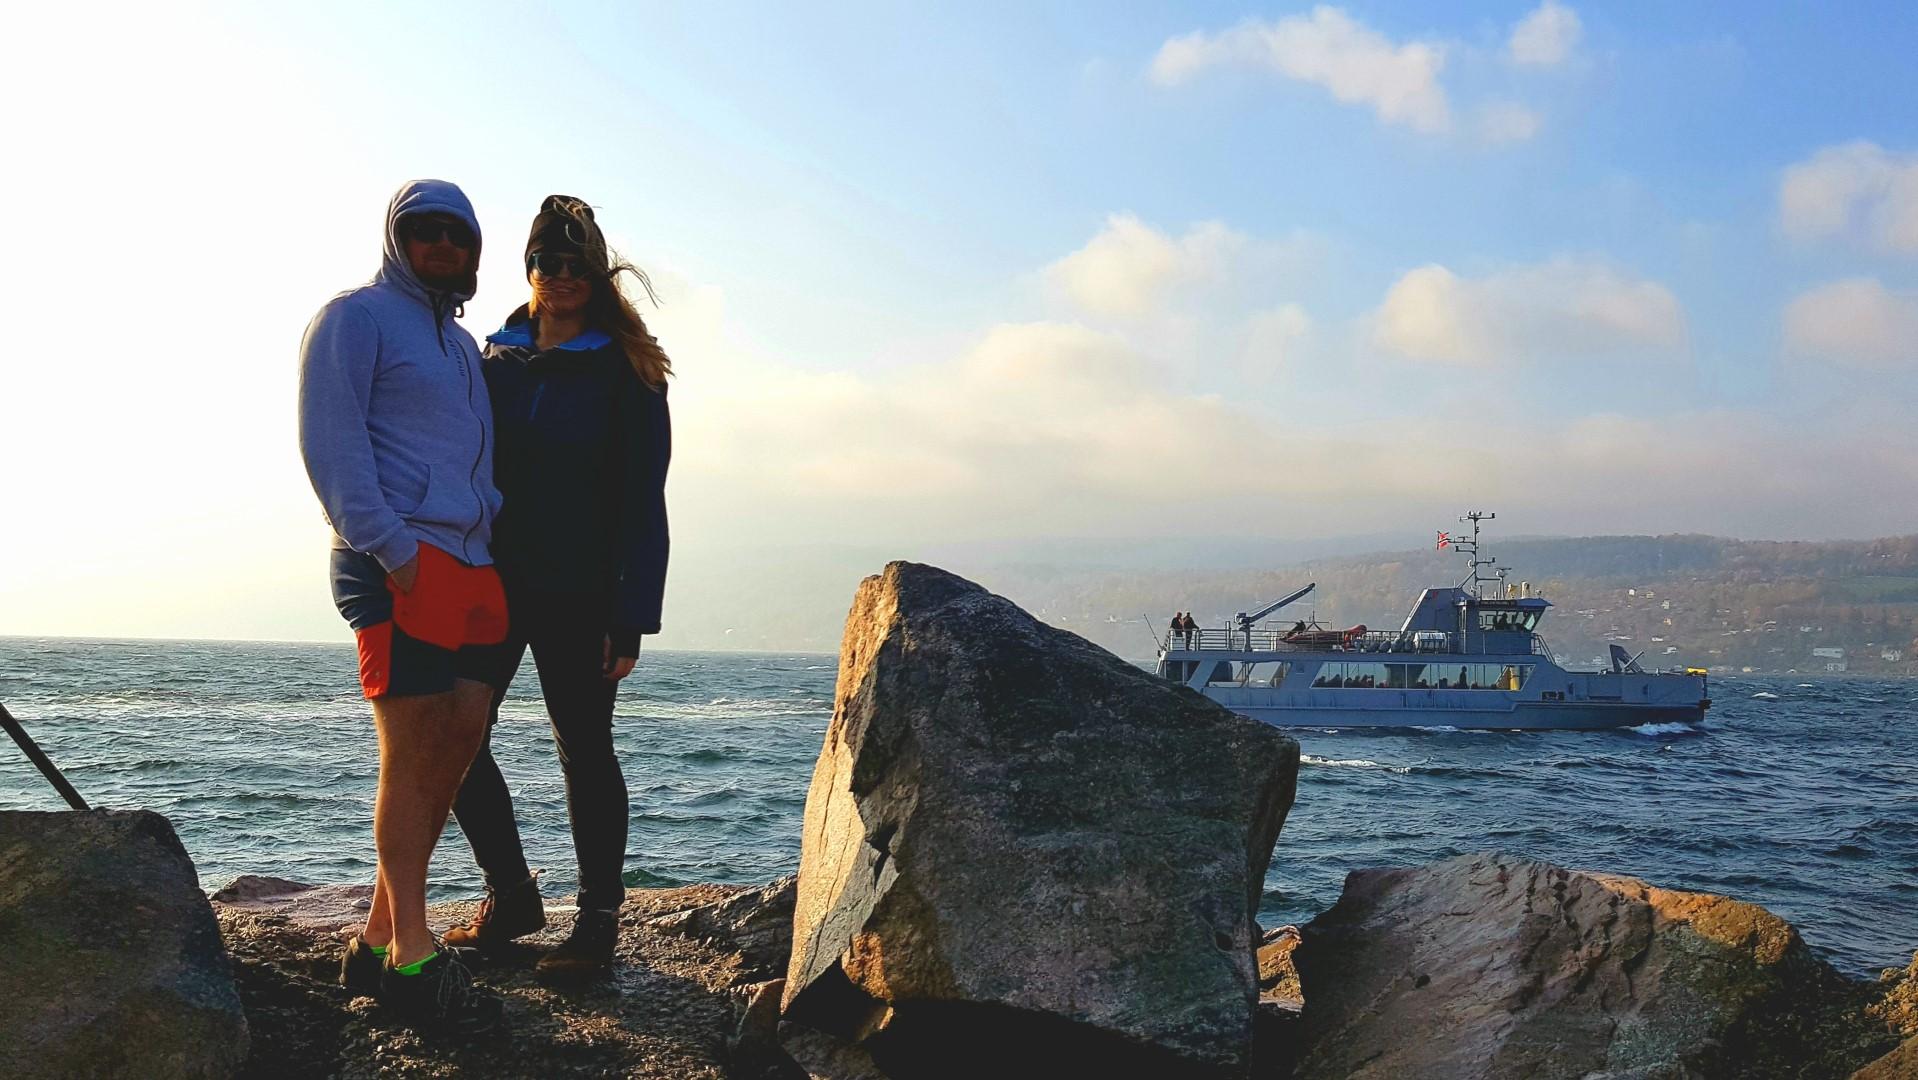 Para stjąca na tle morza w Drobak. W tle przepływający statek.